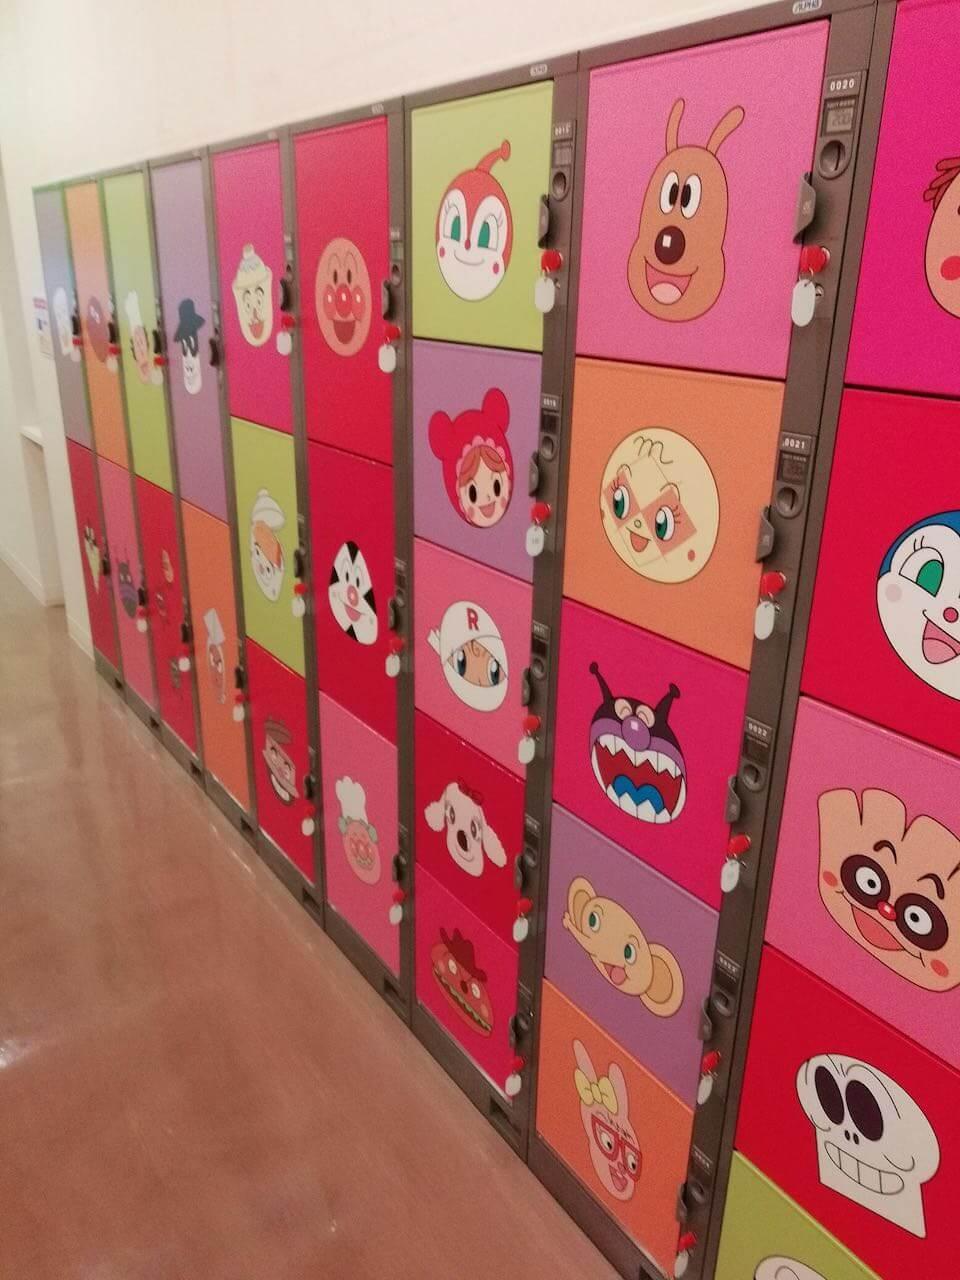 仙台アンパンマンミュージアムのコインロッカー事情